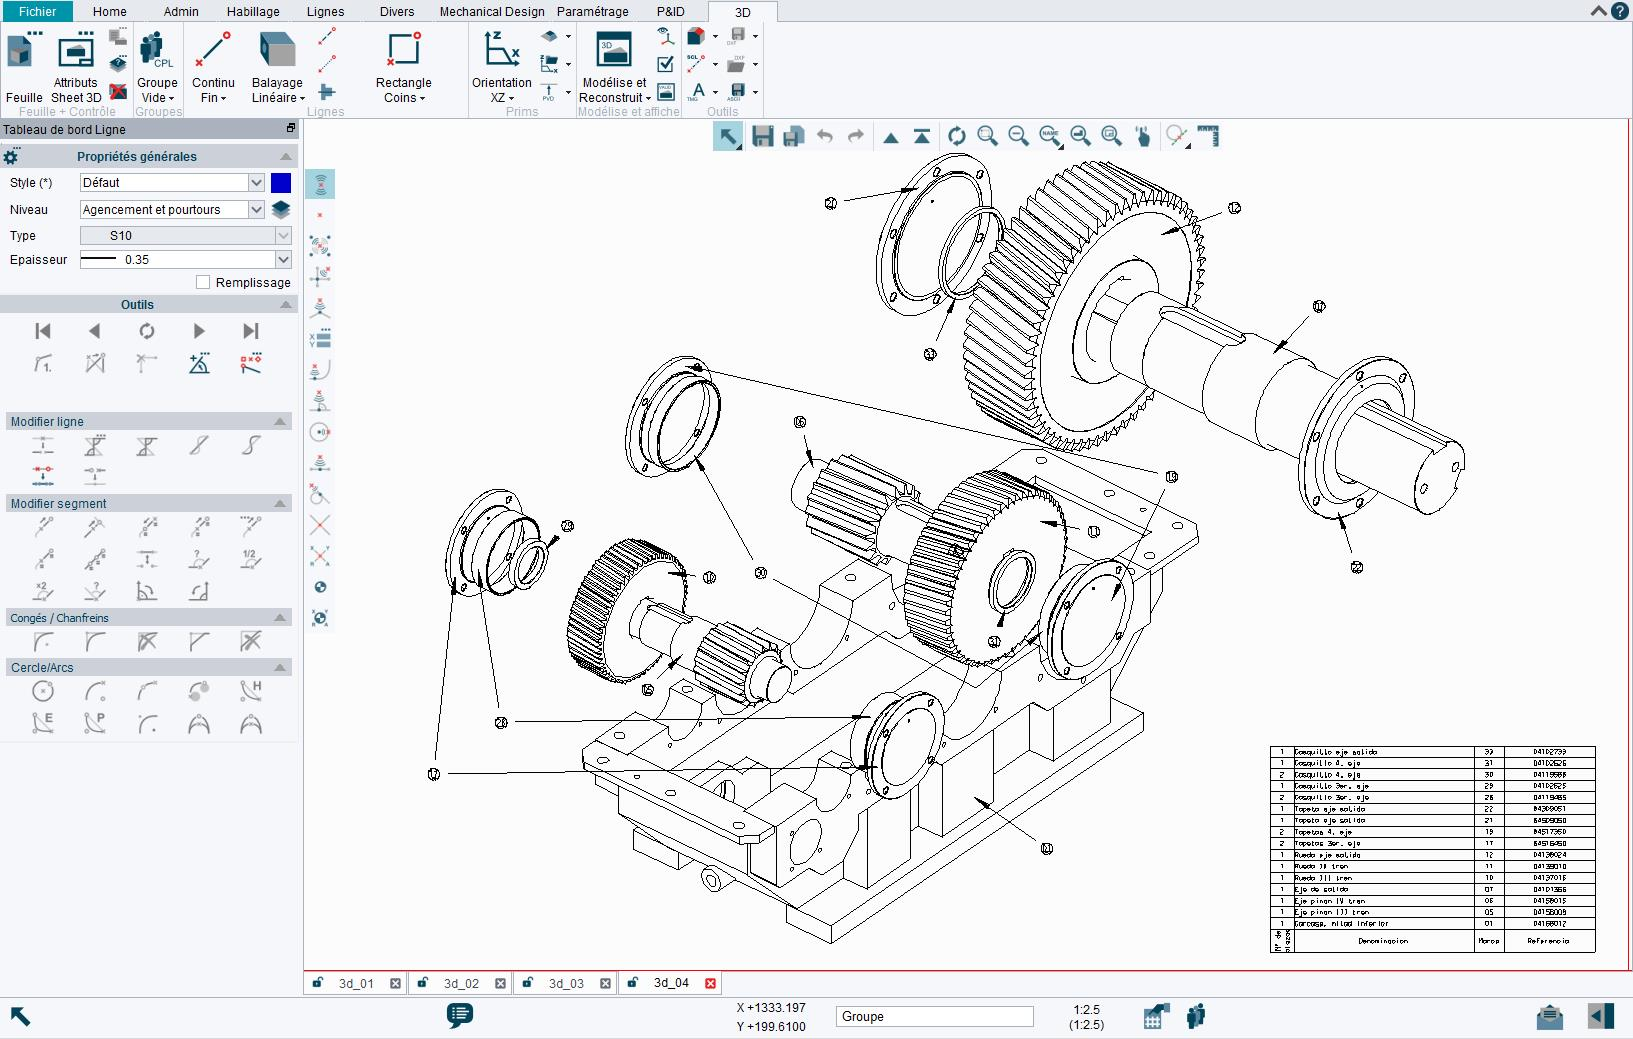 Dans 3D, les modèles 3D peuvent être réalisés rapidement et facilement directement à partir de différentes vues 2D.